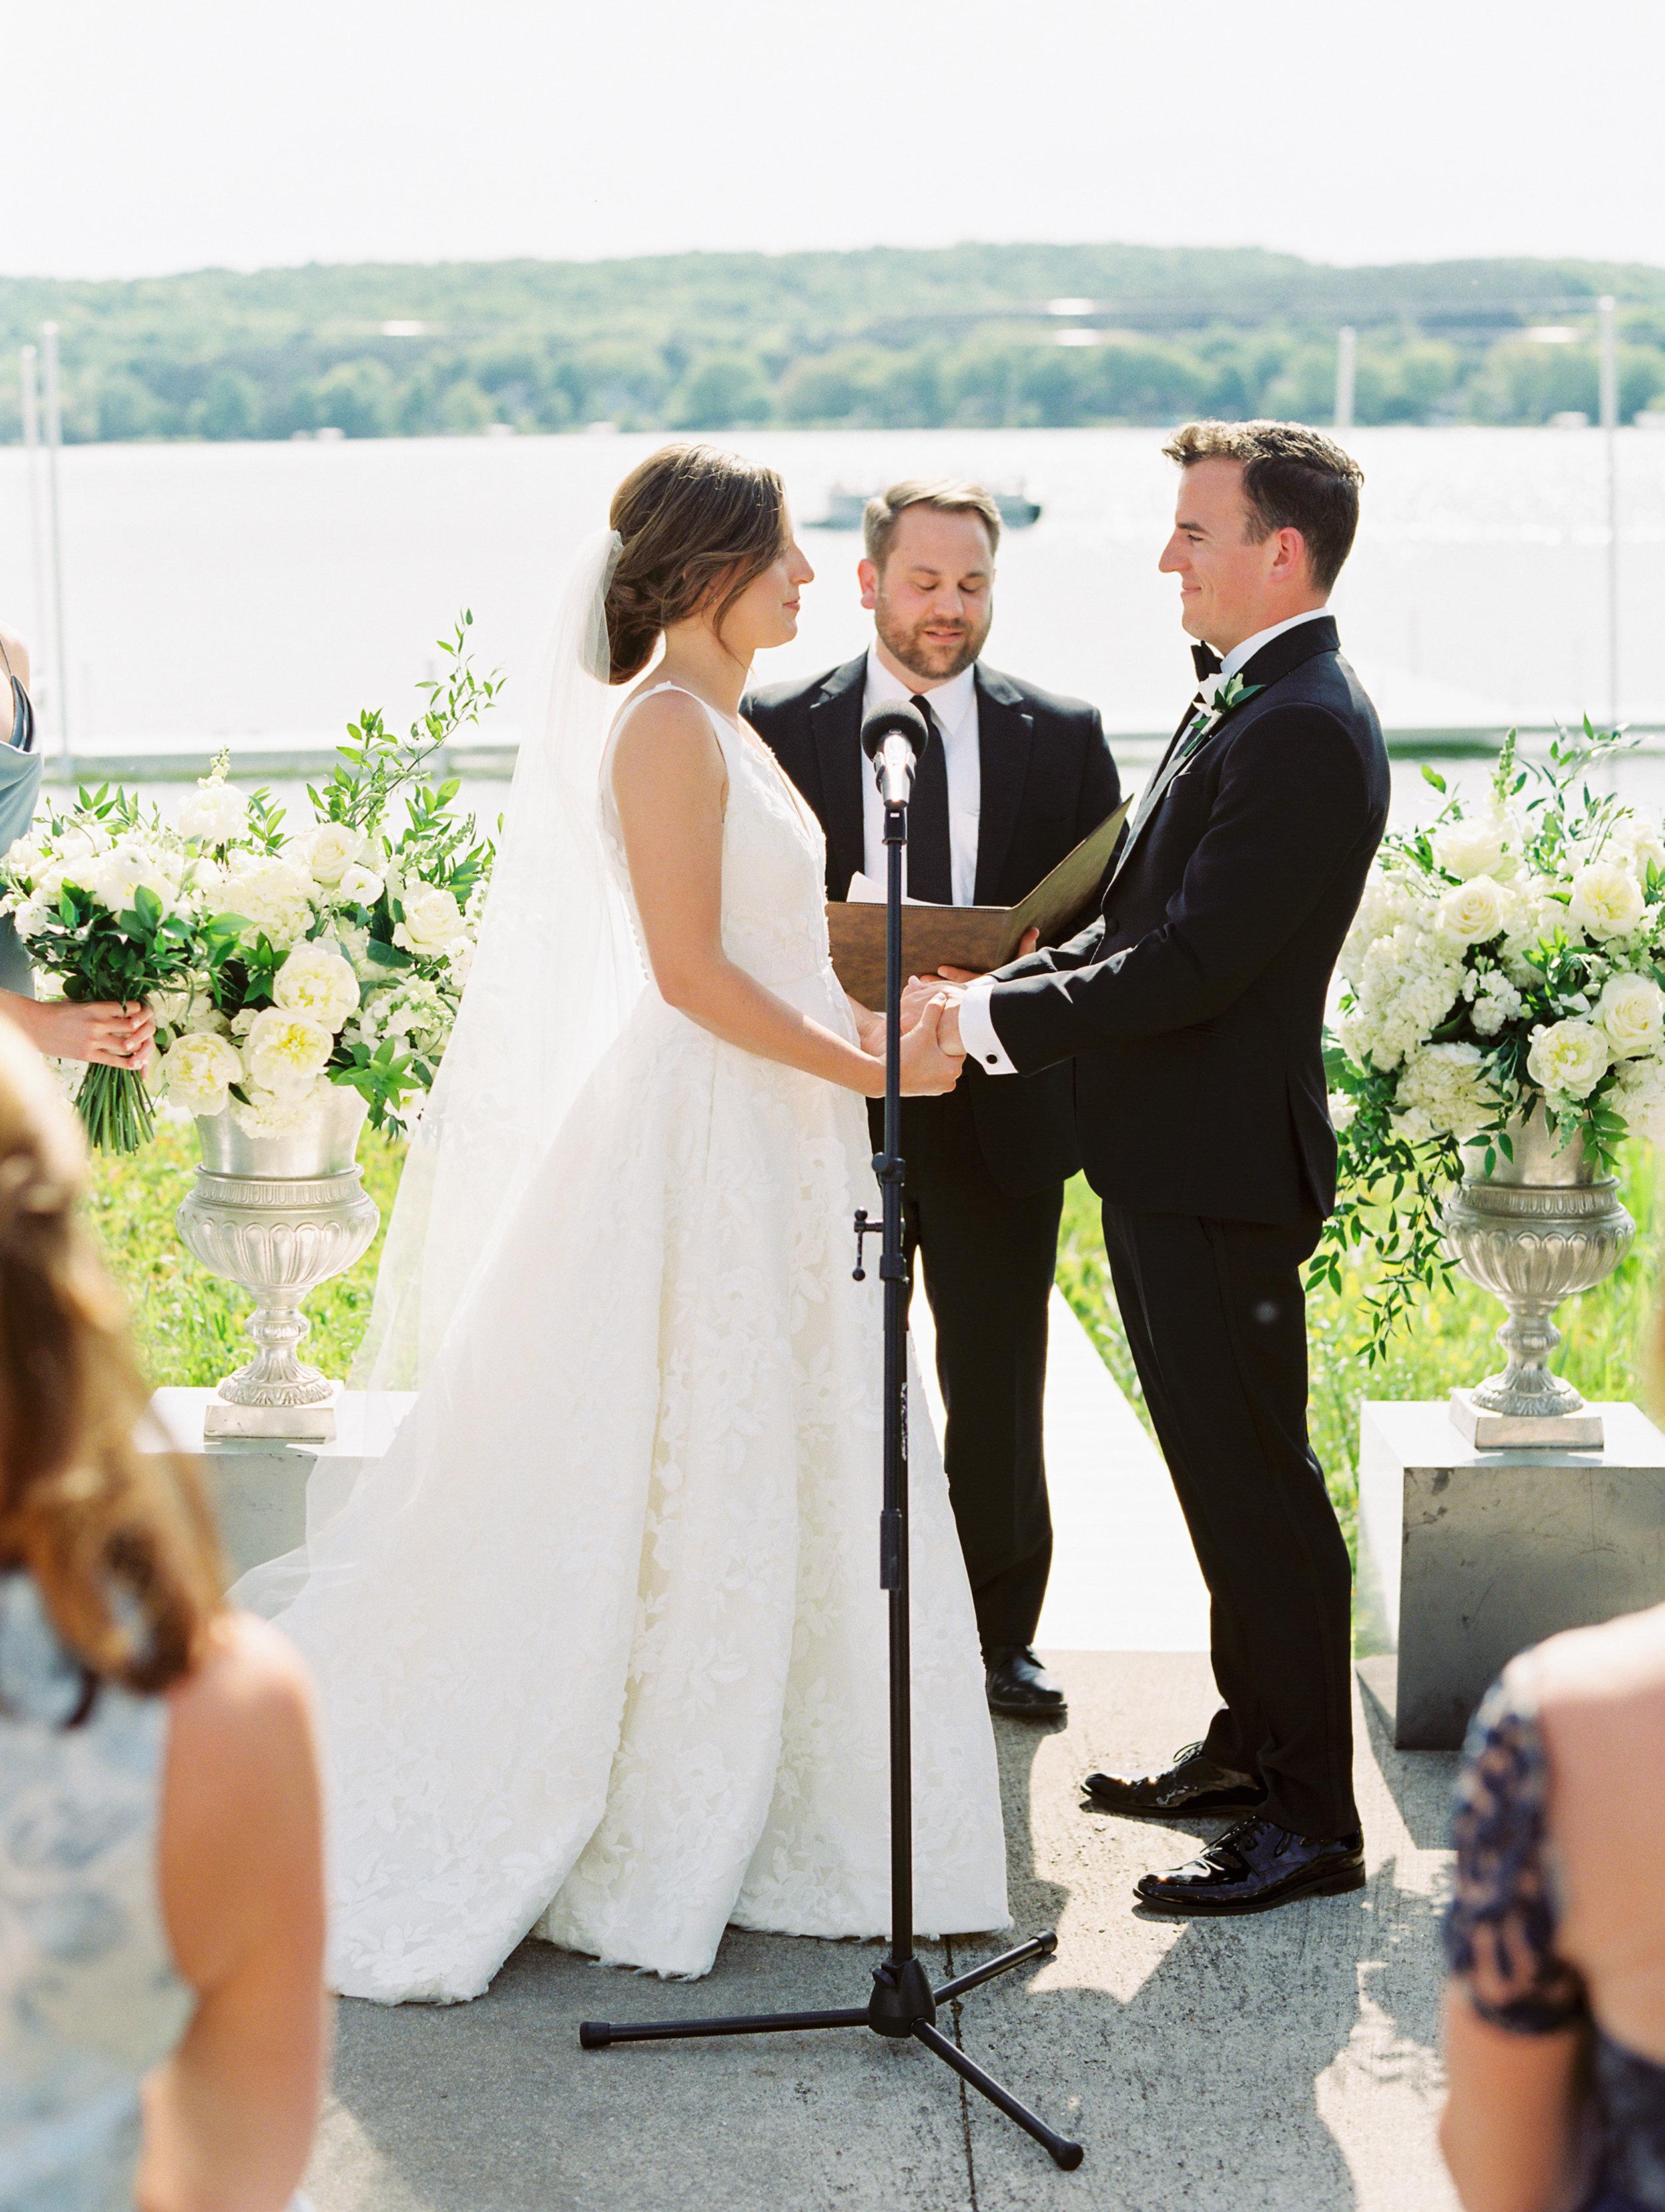 DeGuilio+Wedding+Ceremonyf-10.jpg